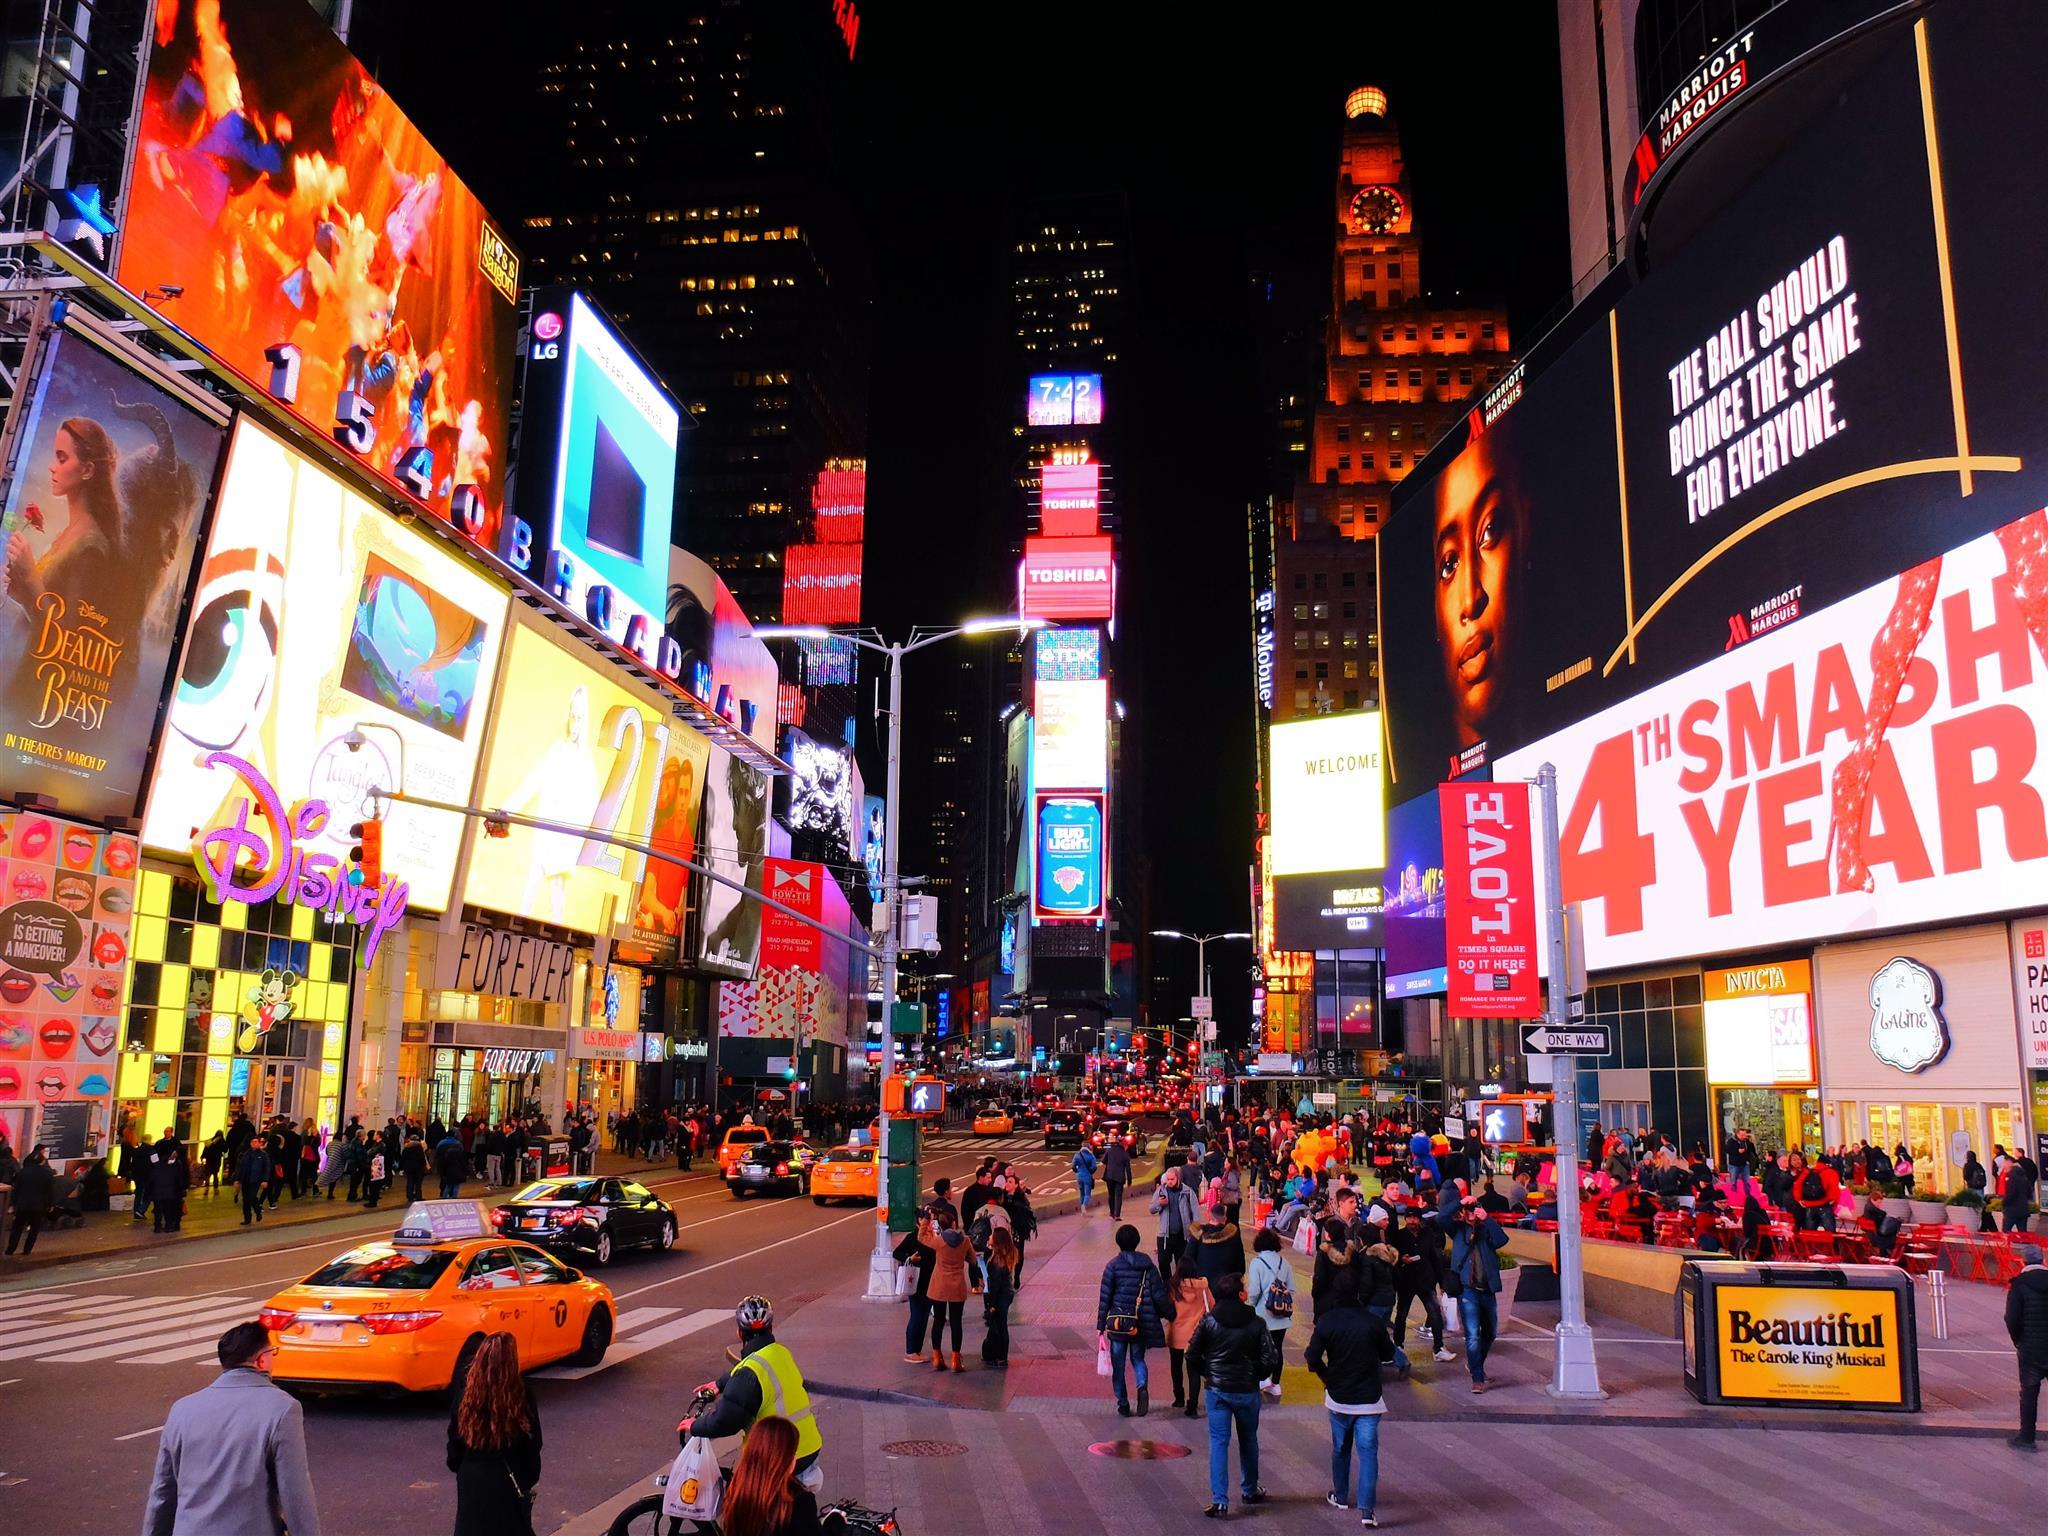 guia básico de nova york, times square